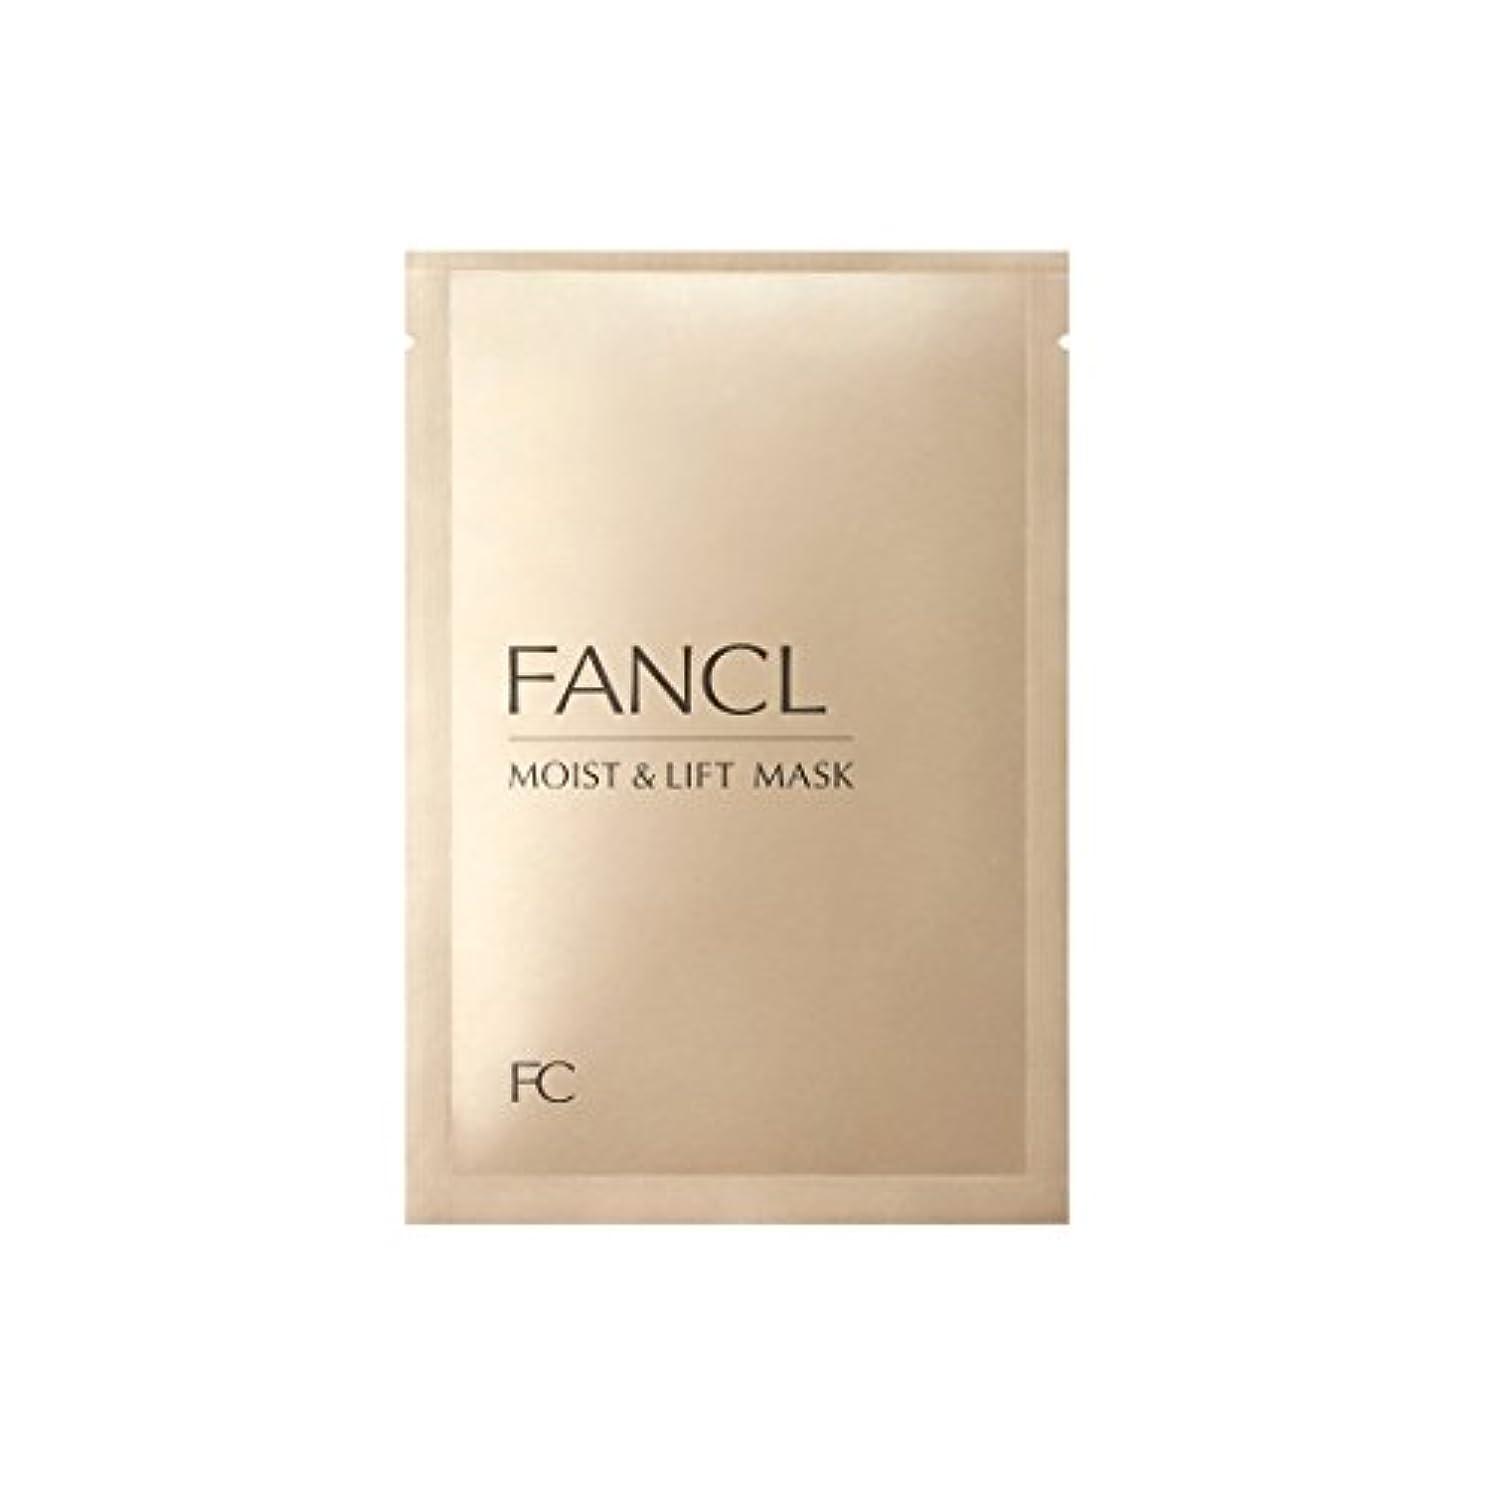 見て十分な忌み嫌うファンケル (FANCL) モイスト&リフトマスク M&L マスク 6枚セット (28mL×6)